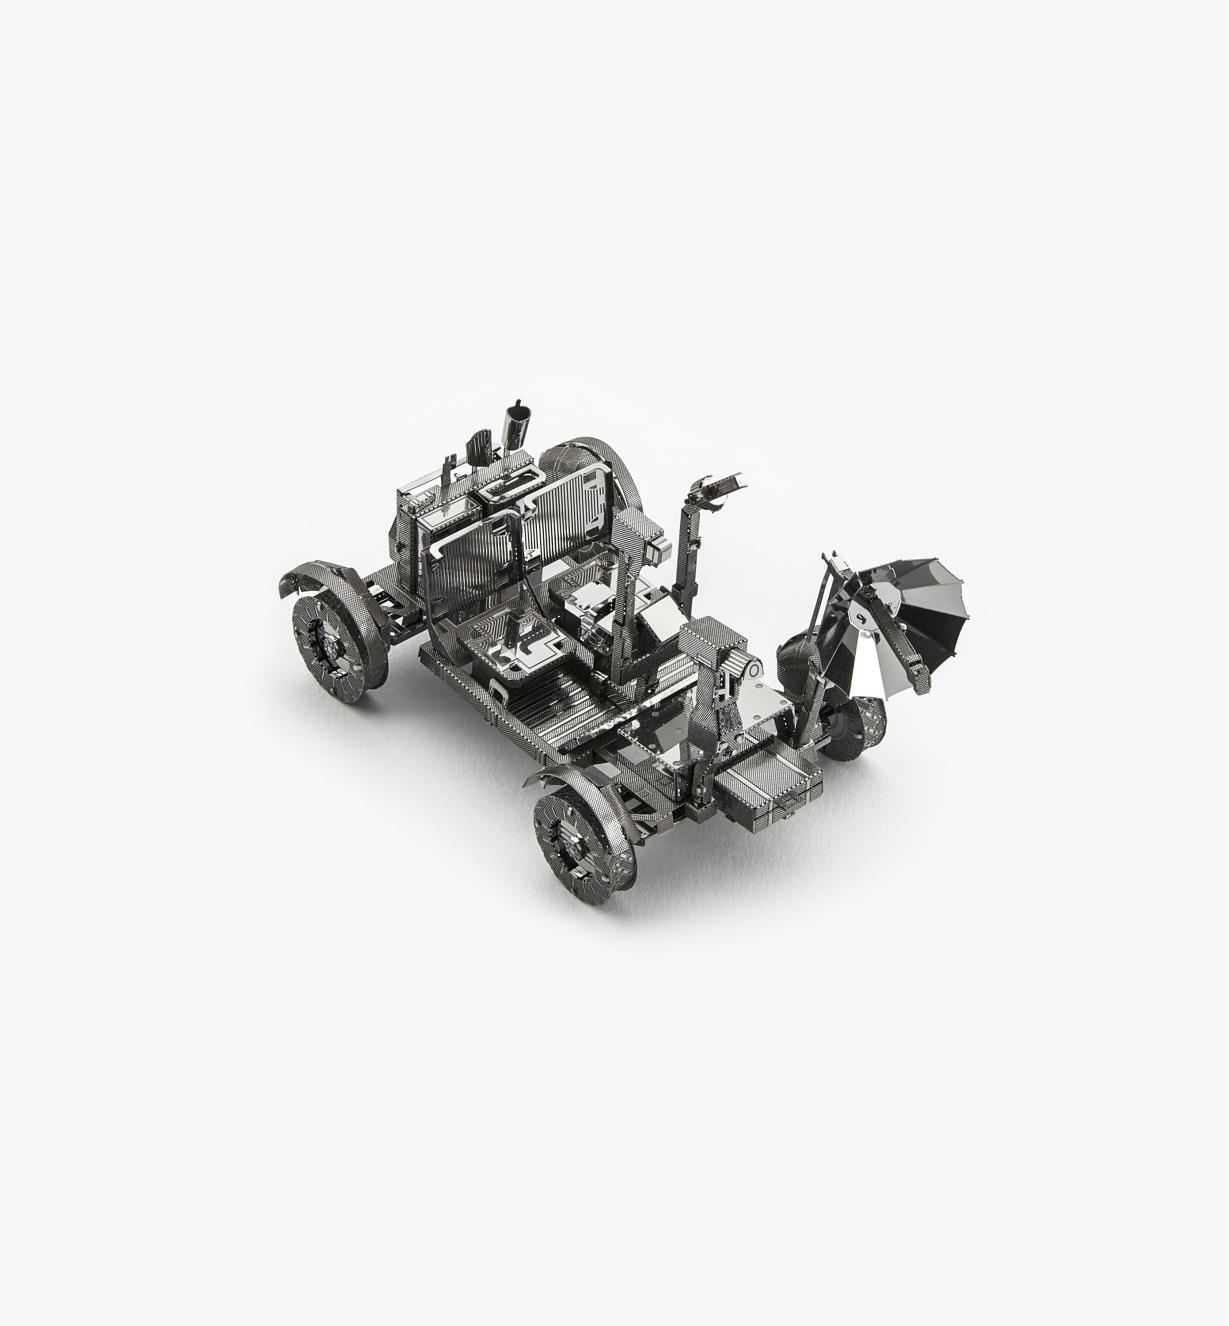 45K4078 - Modèle réduit en métal – Véhicule lunaire Apollo